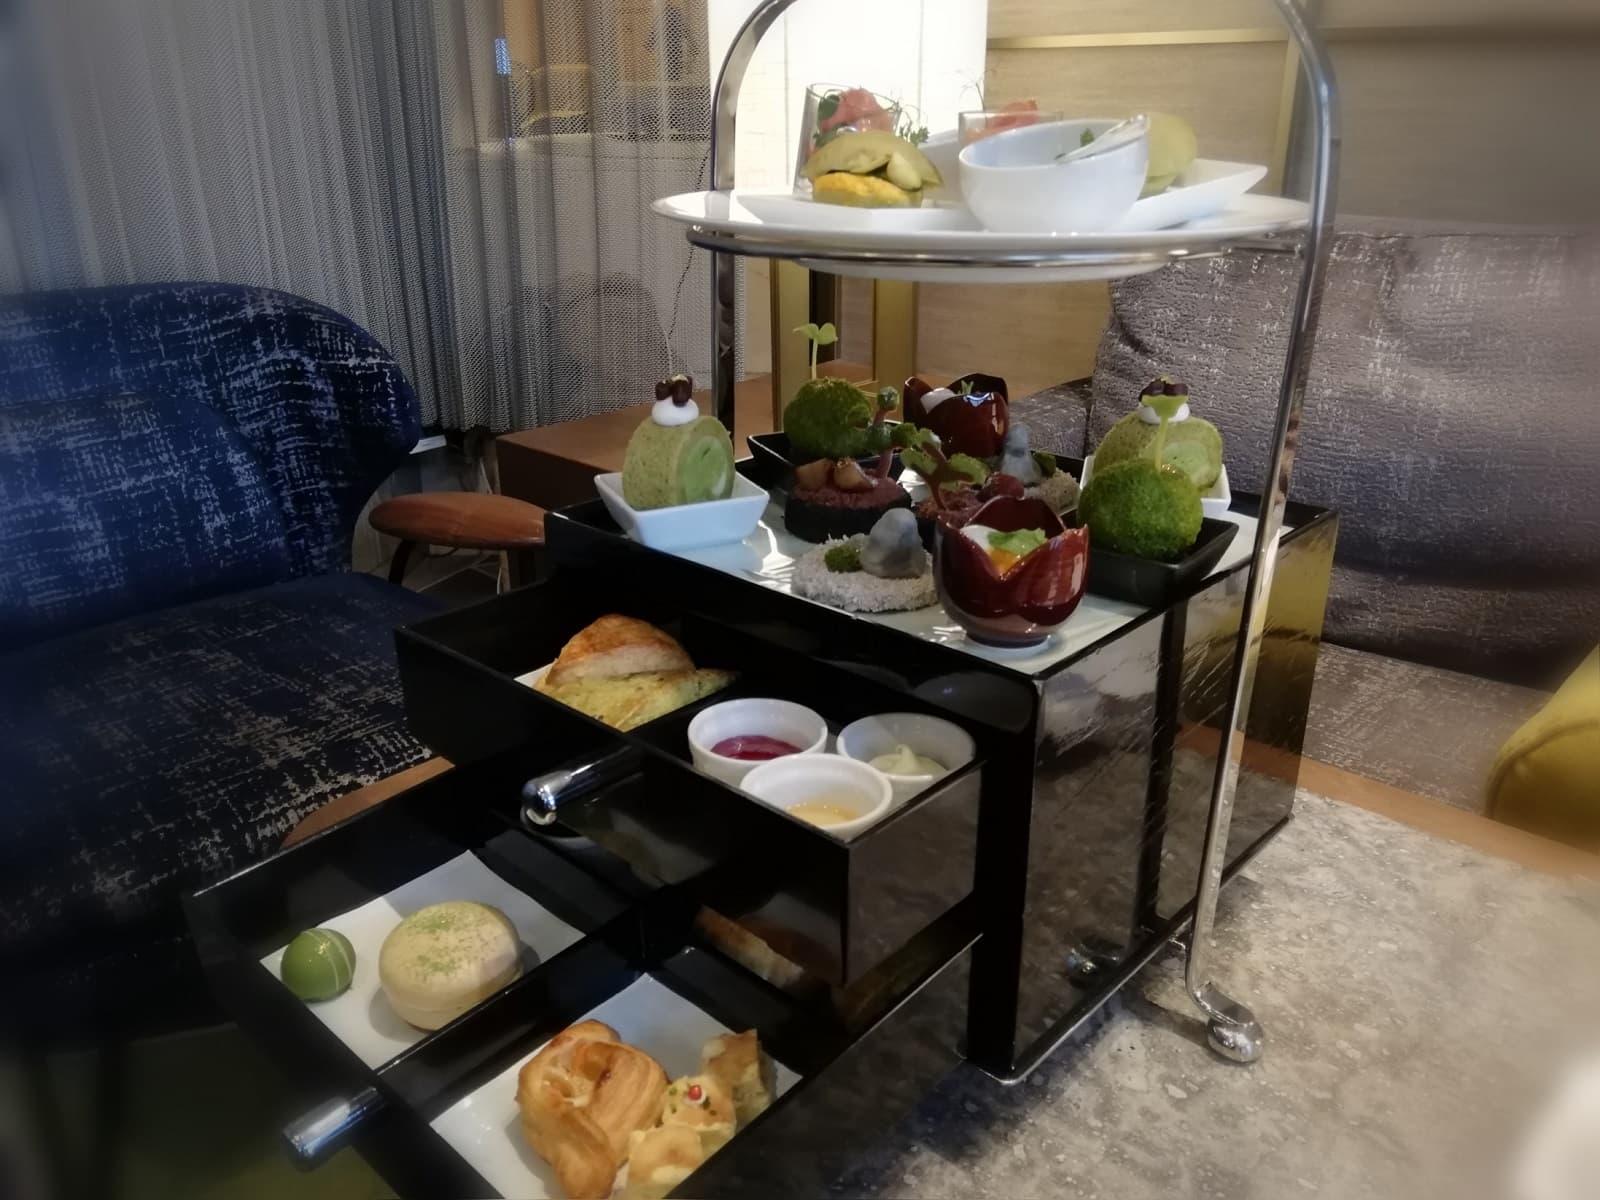 スイスホテル南海大阪の福岡・八女茶アフタヌーンティーのメニュー内容